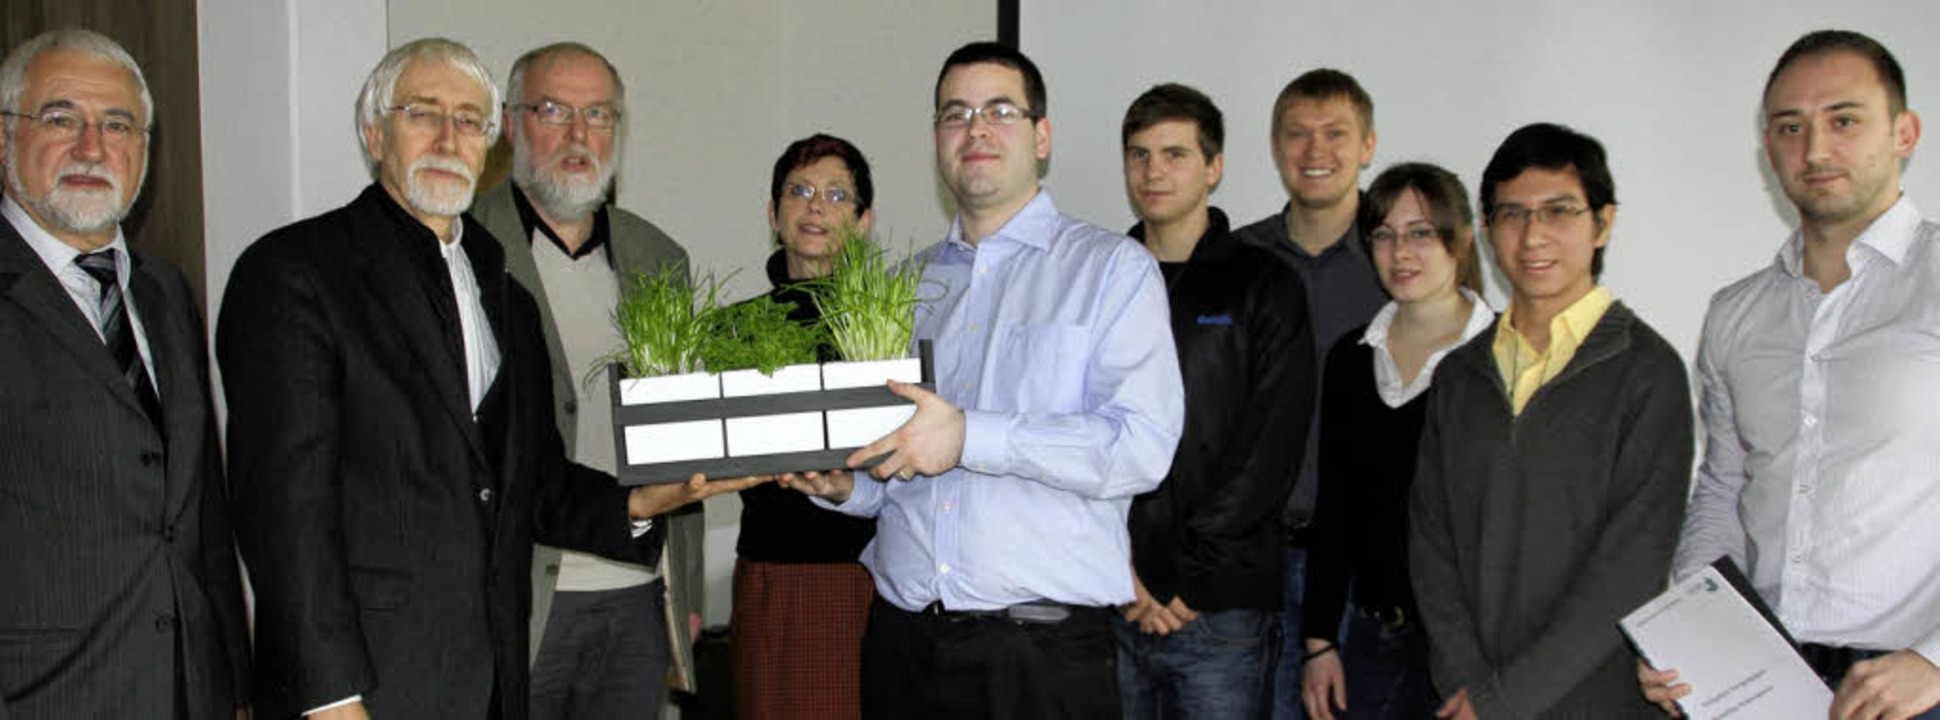 Die Studenten der Hochschule Furtwange...Leistung seines Teams sehr zufrieden.   | Foto: Sabine Model